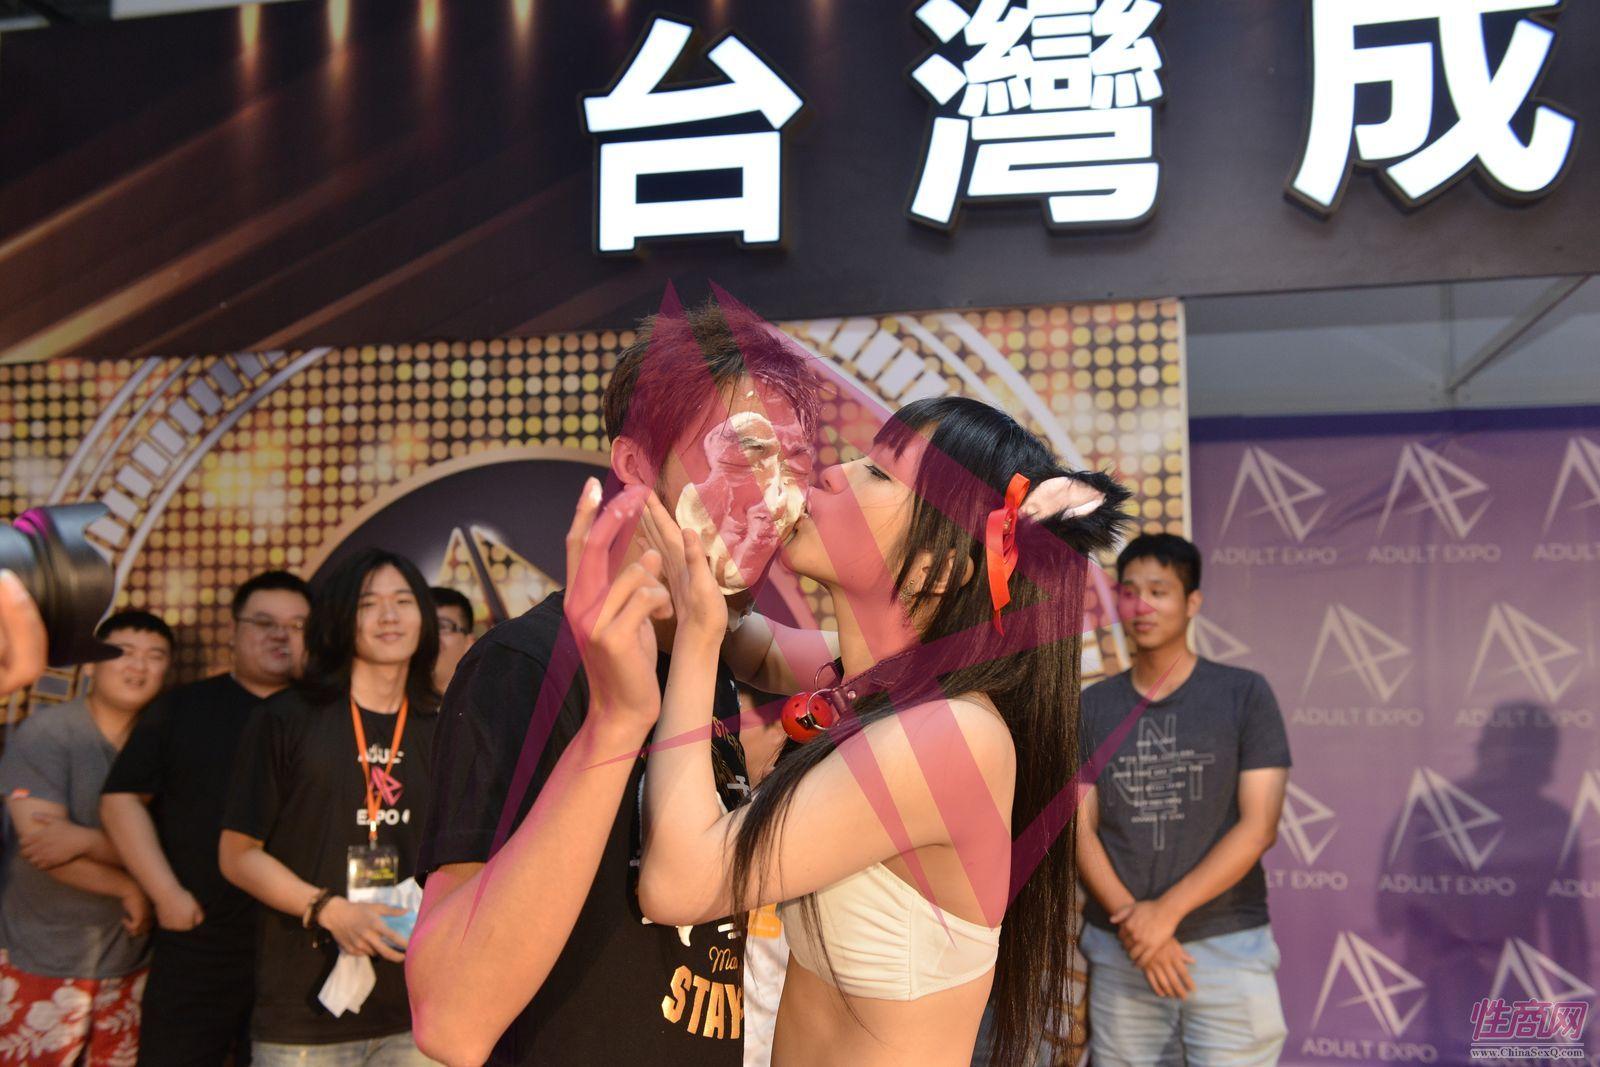 高潮来了:女神把观众脸上的奶油舔掉